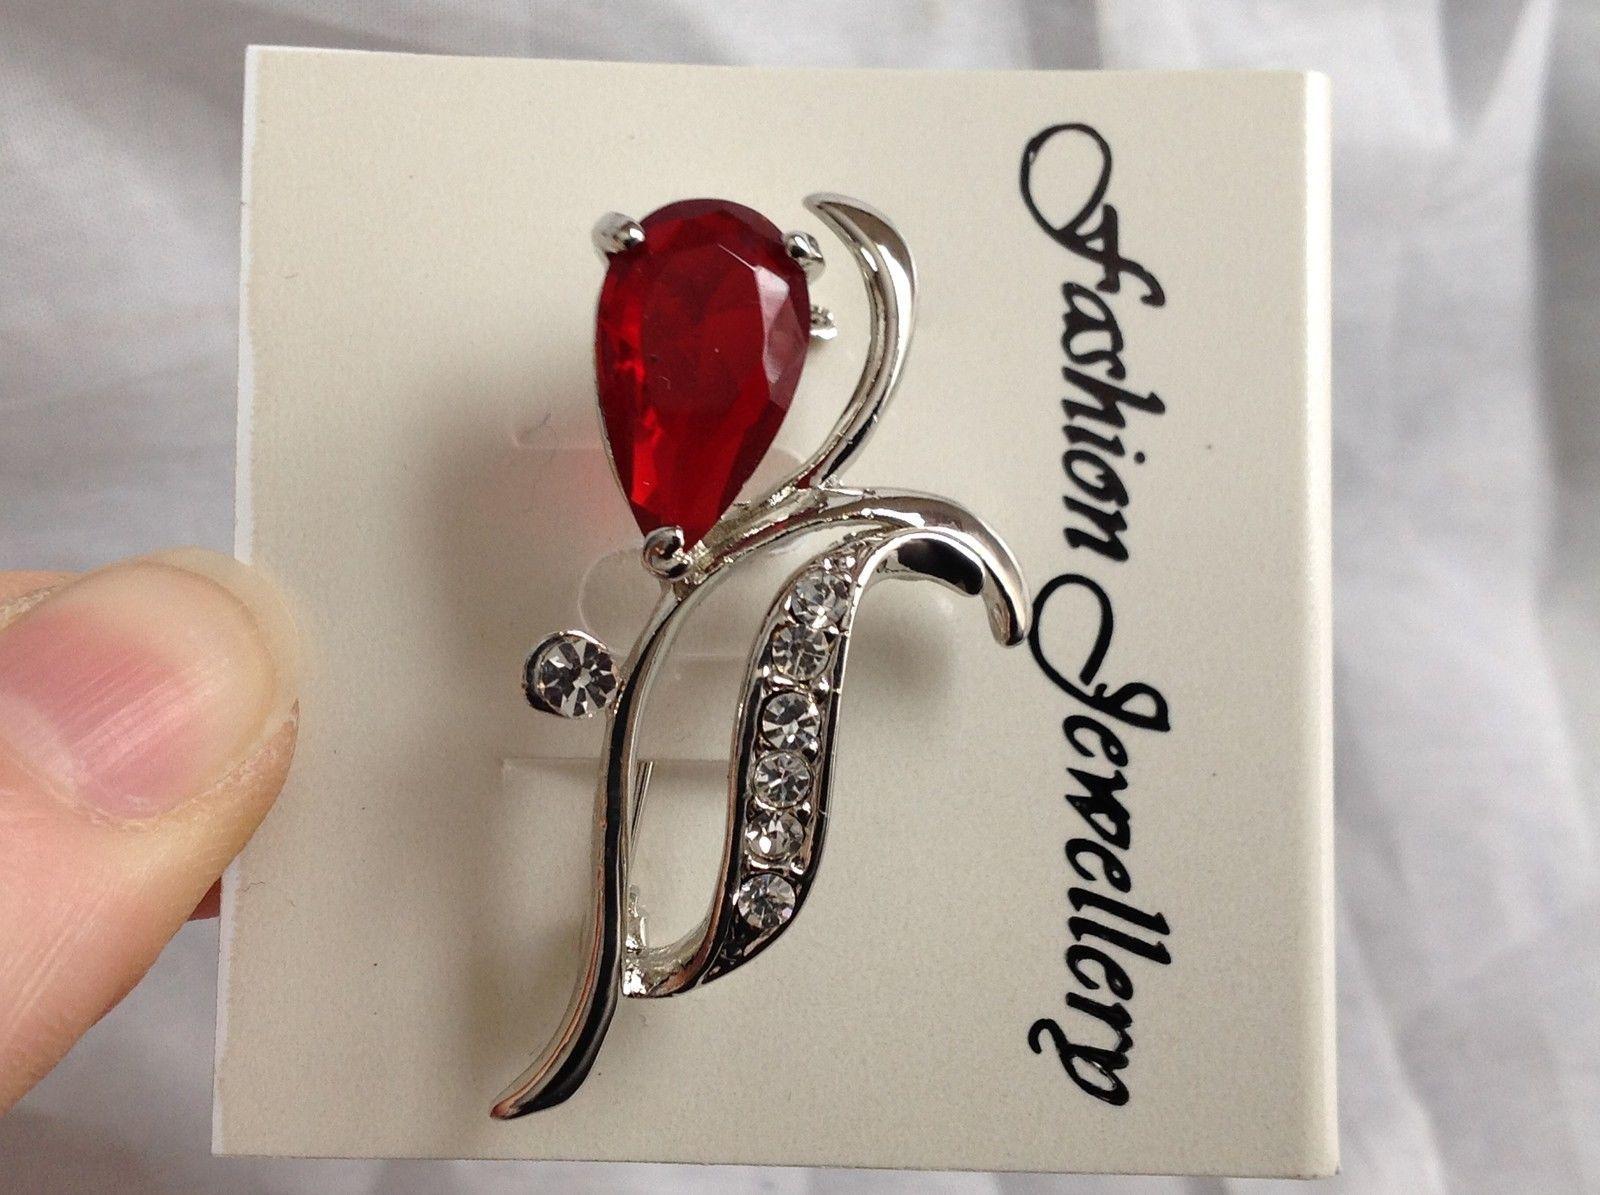 Swarovski  Silver tone red  flower stone brooch pin clear crystal leaf